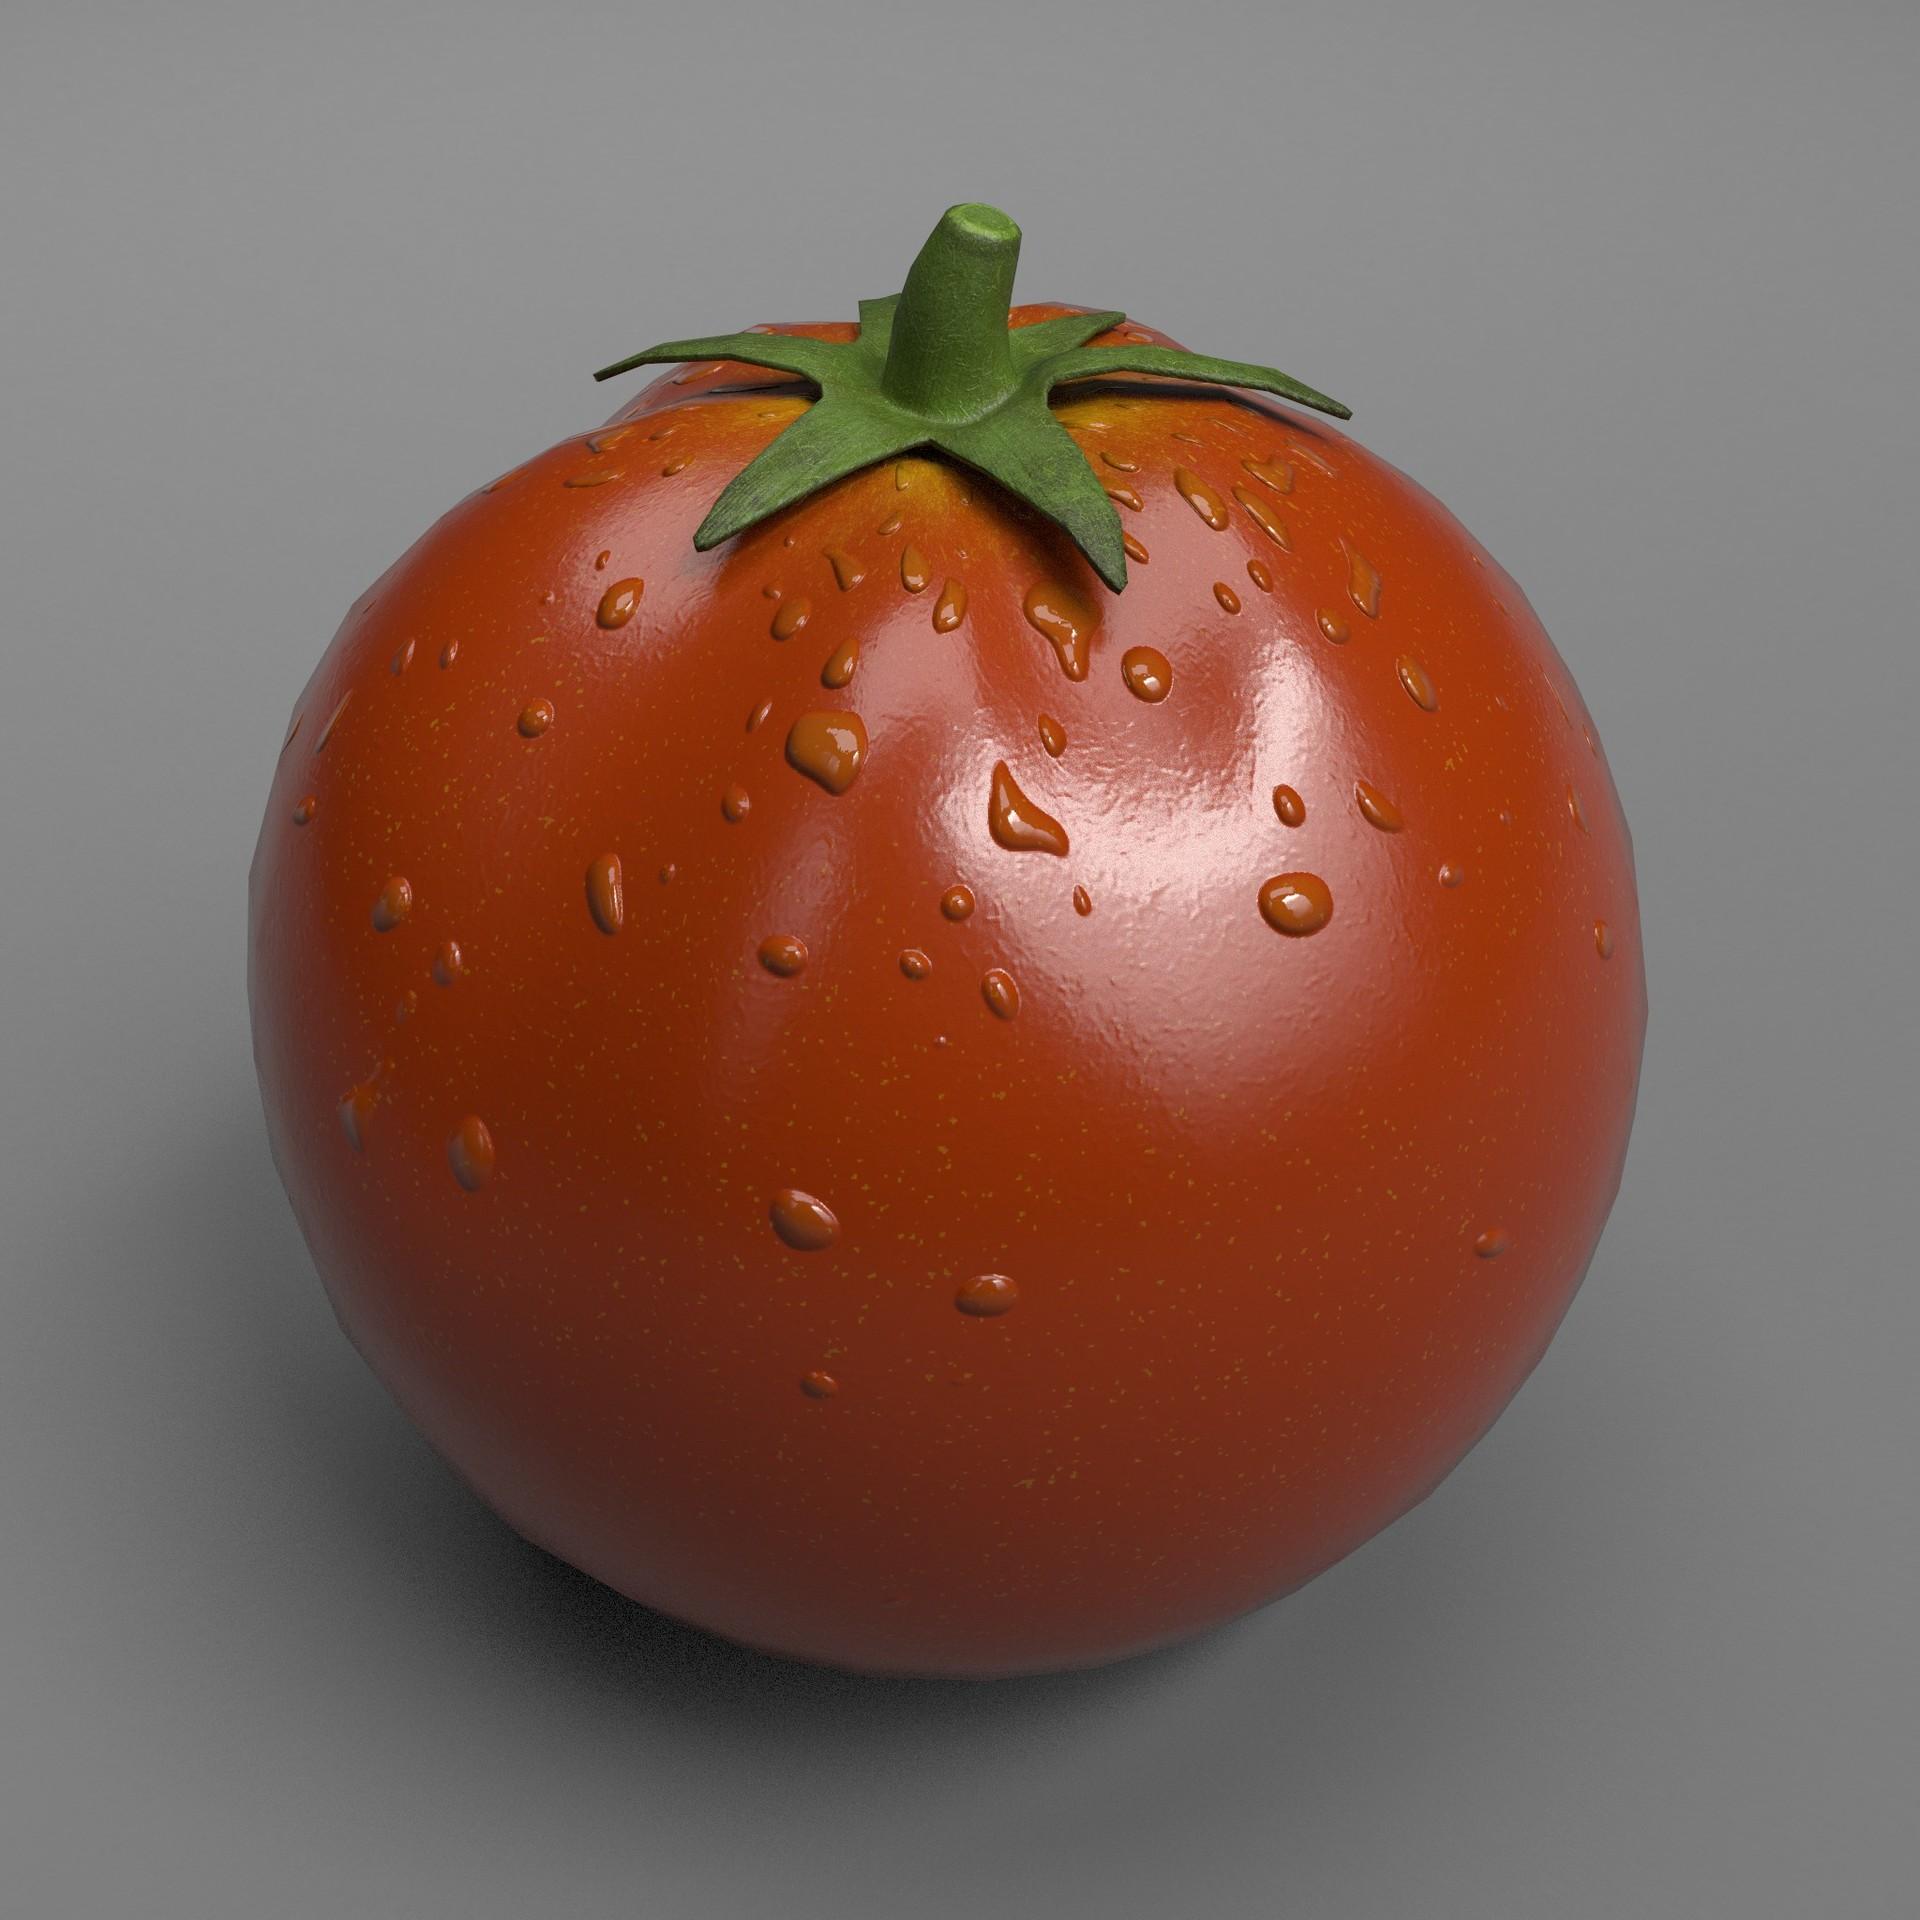 Kalani strange tomato2